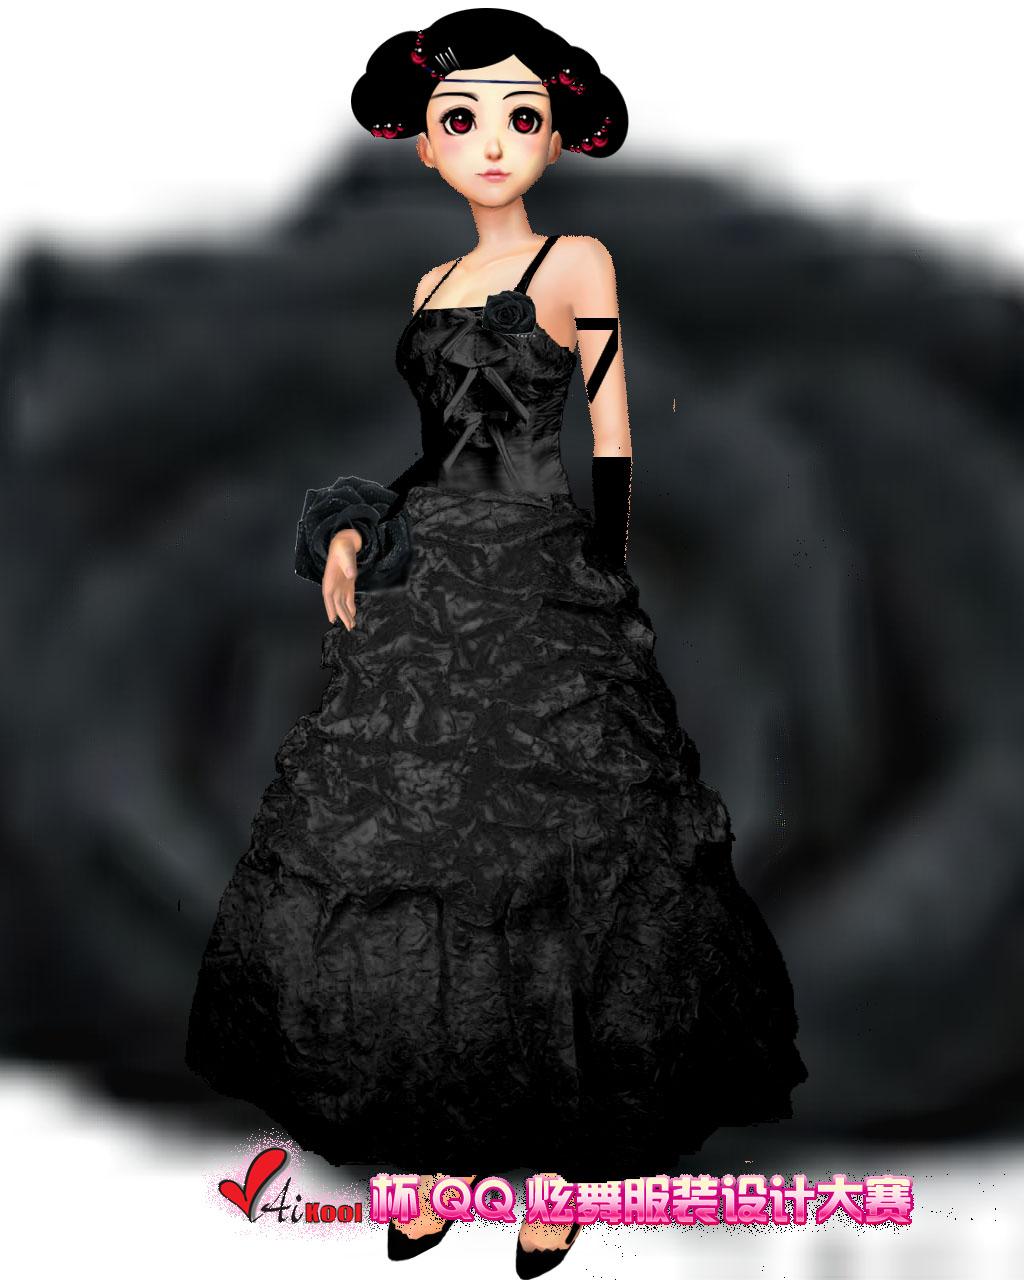 qq炫舞大师级服装设计 引领炫舞时尚